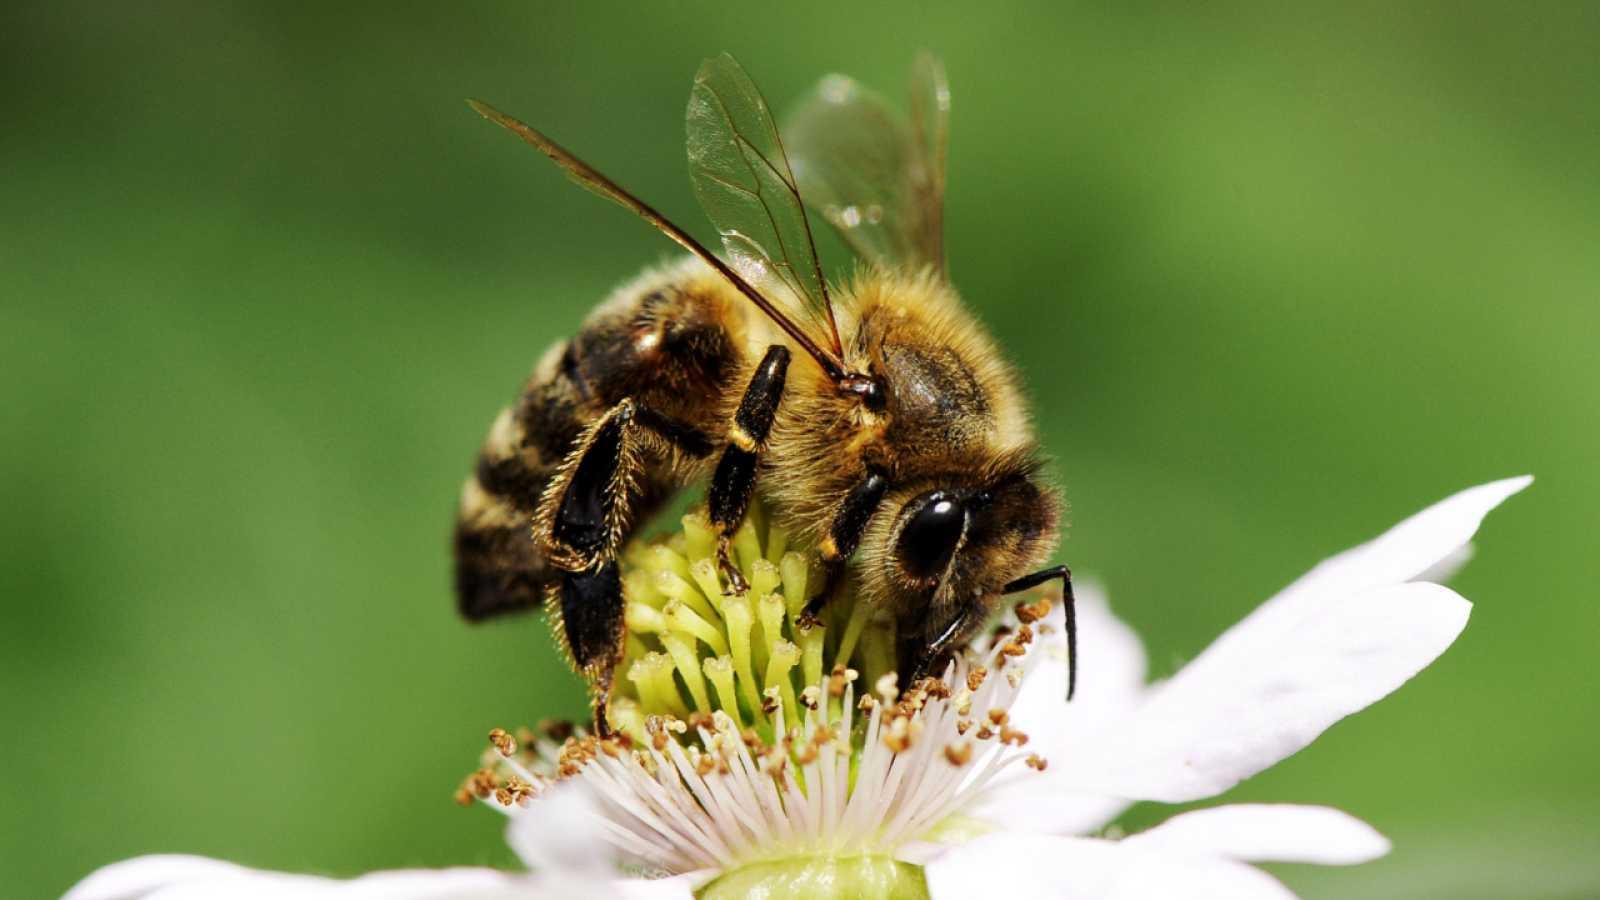 Aquí la Tierra - ¿Sabías que las abejas no perciben el color de las flores como los humanos?